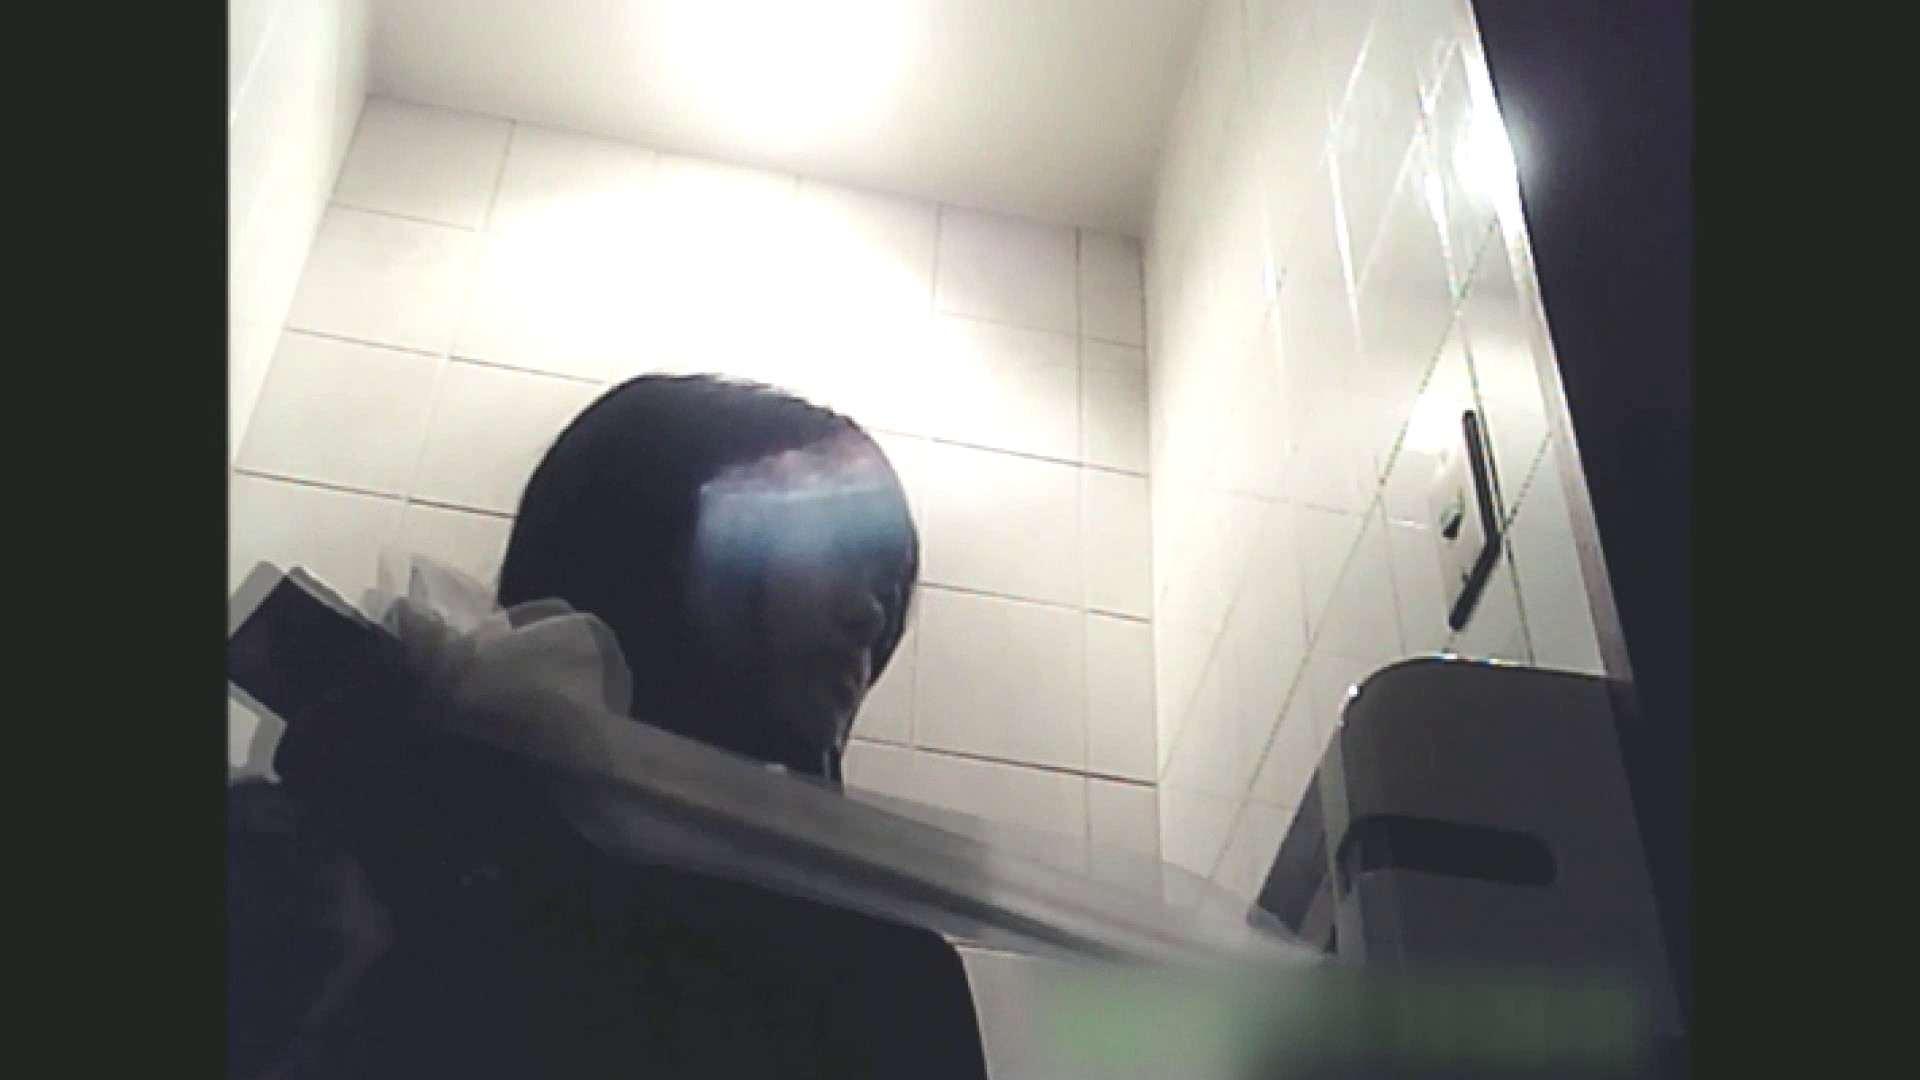 実録!!綺麗なお姉さんのトイレ事情・・・。vol.4 OLセックス 盗撮ワレメ無修正動画無料 67画像 17